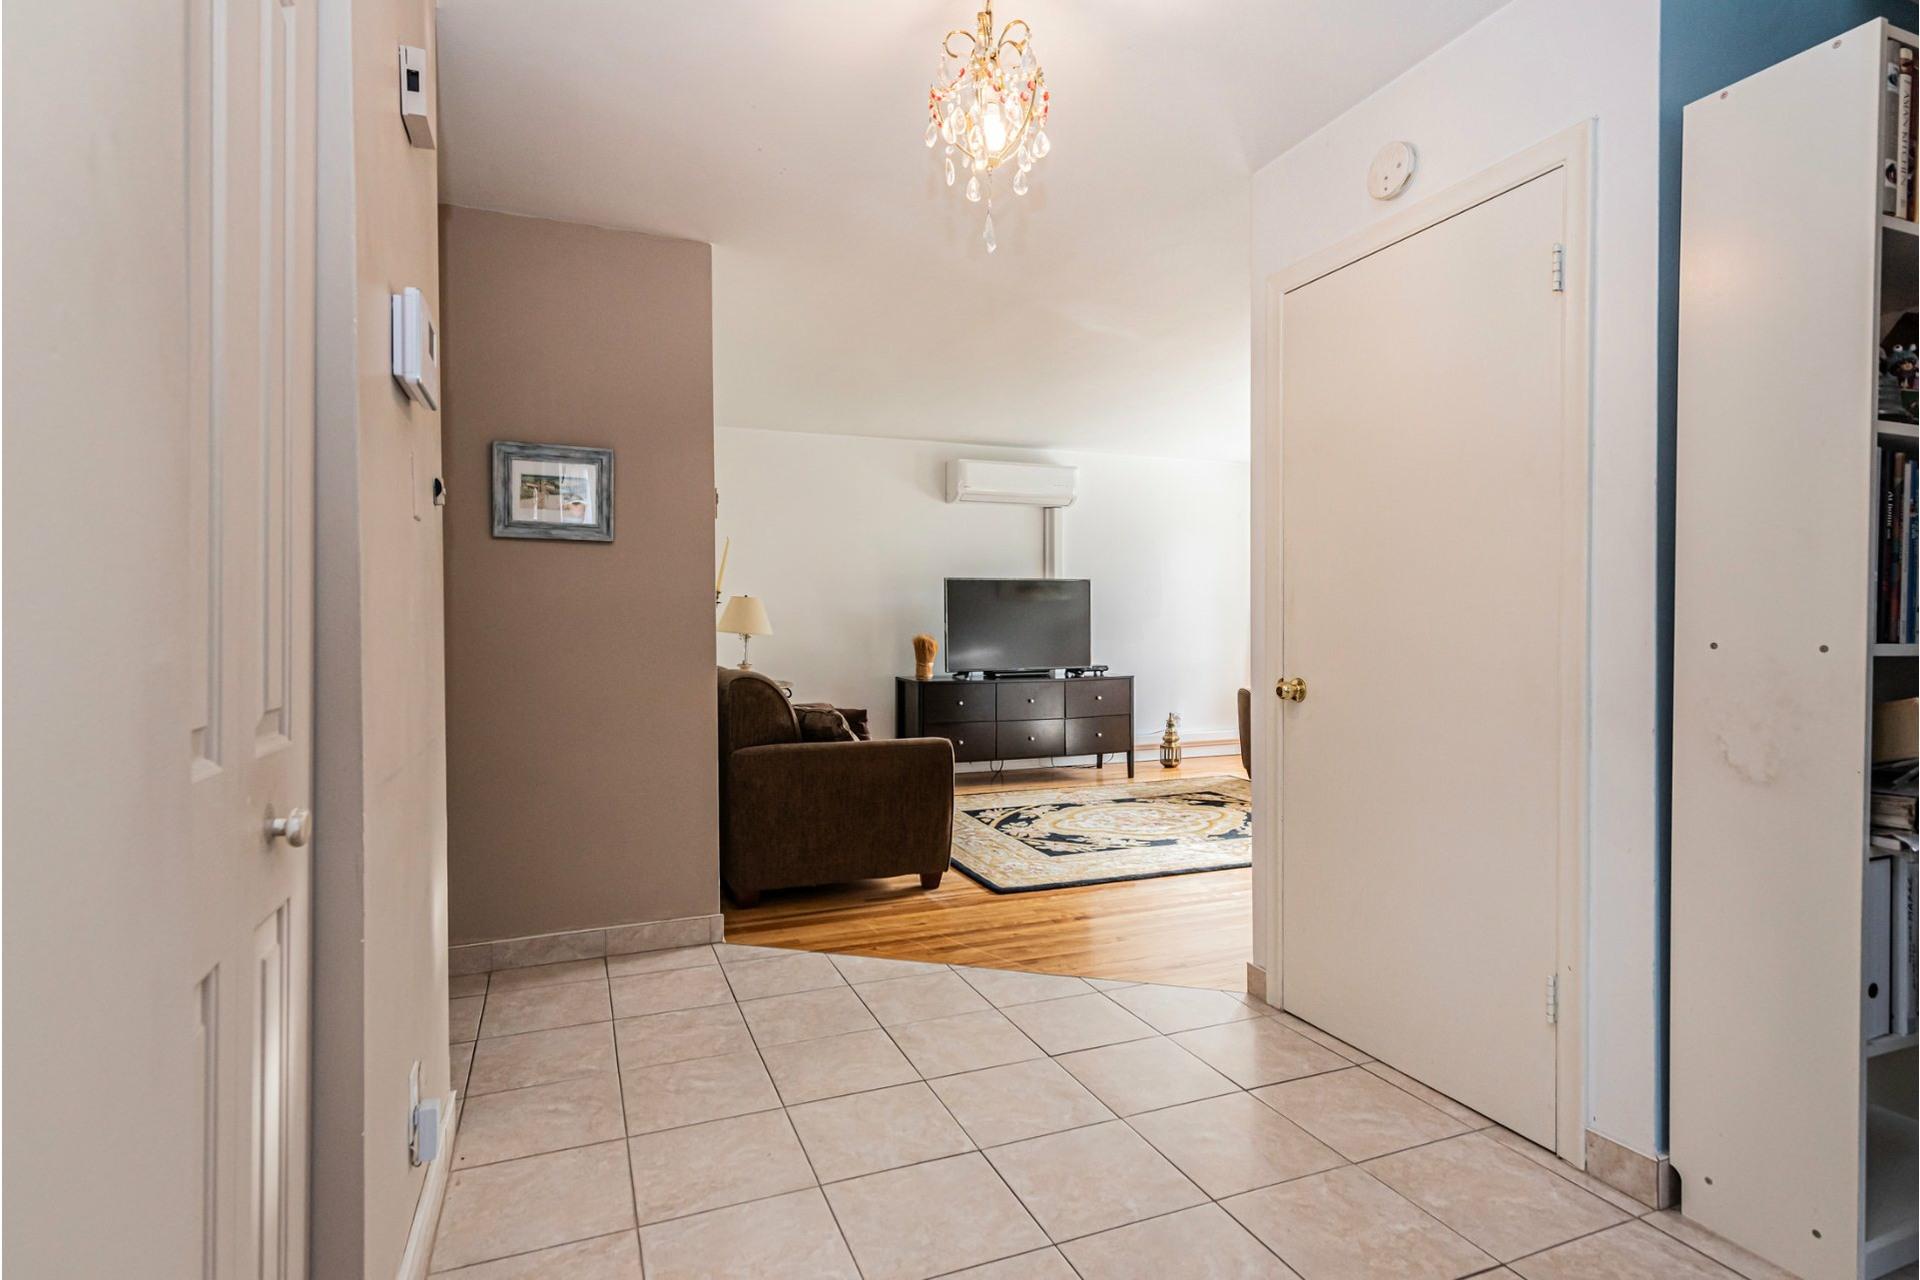 image 30 - Duplex For sale Saint-Léonard Montréal  - 9 rooms